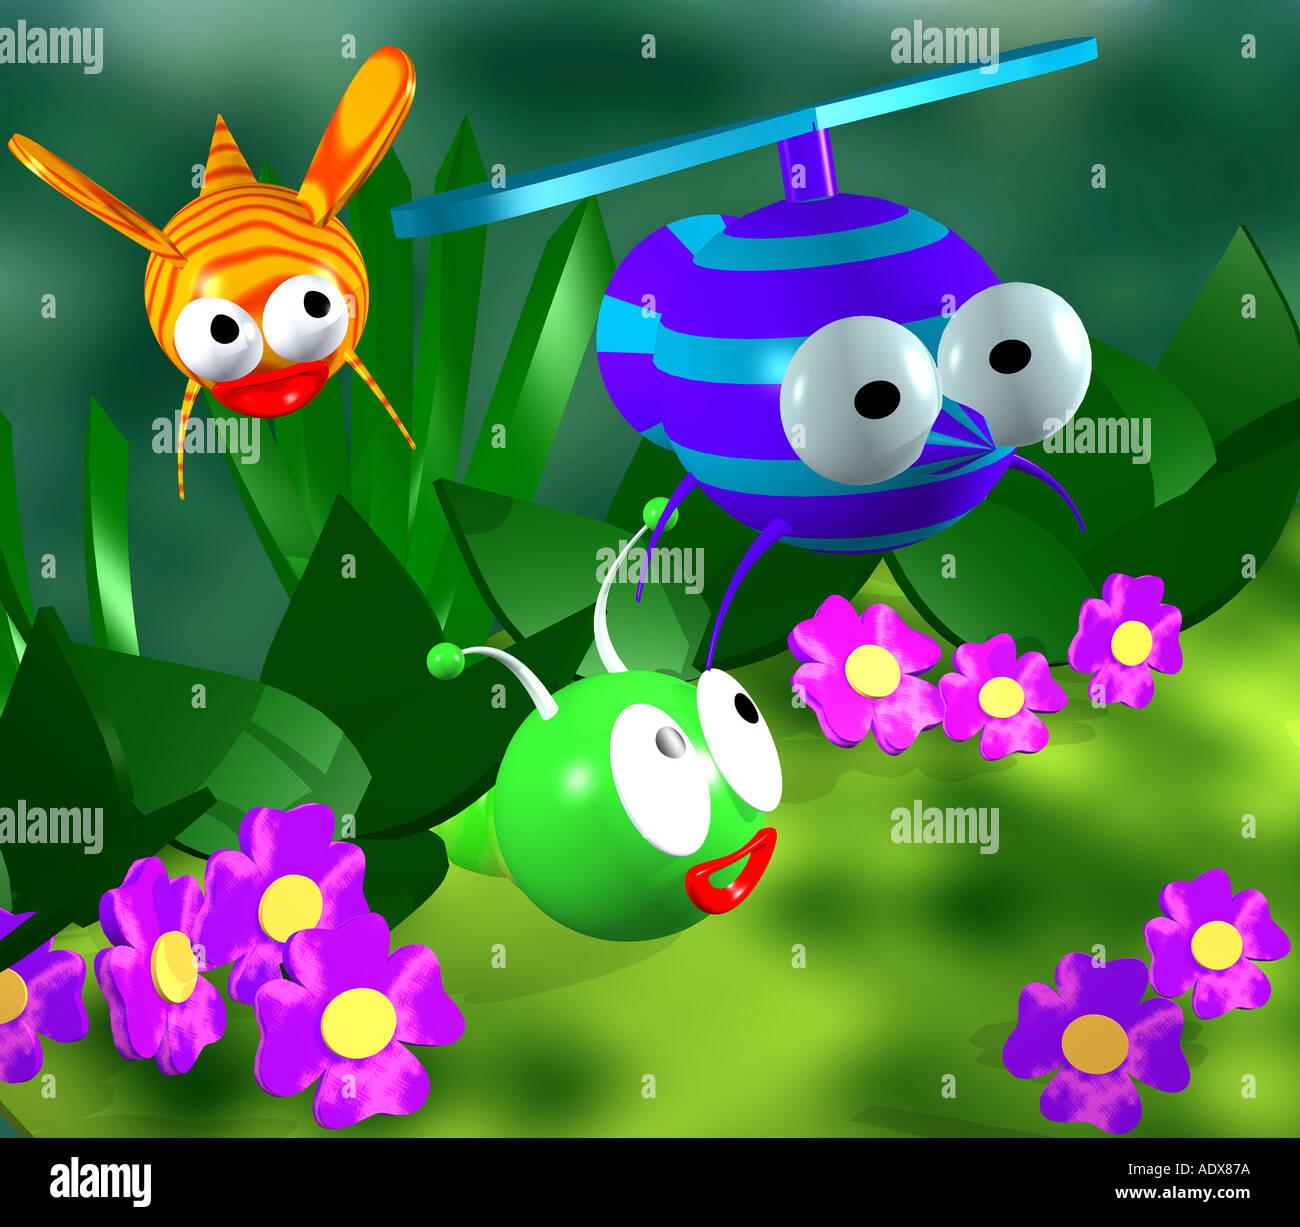 Illustrationen Computer Grafik cg Zeichen Insekt Insekten stilisierte Biene Moskito Blume Blumen Cartoon infantile kindisch char Stockbild